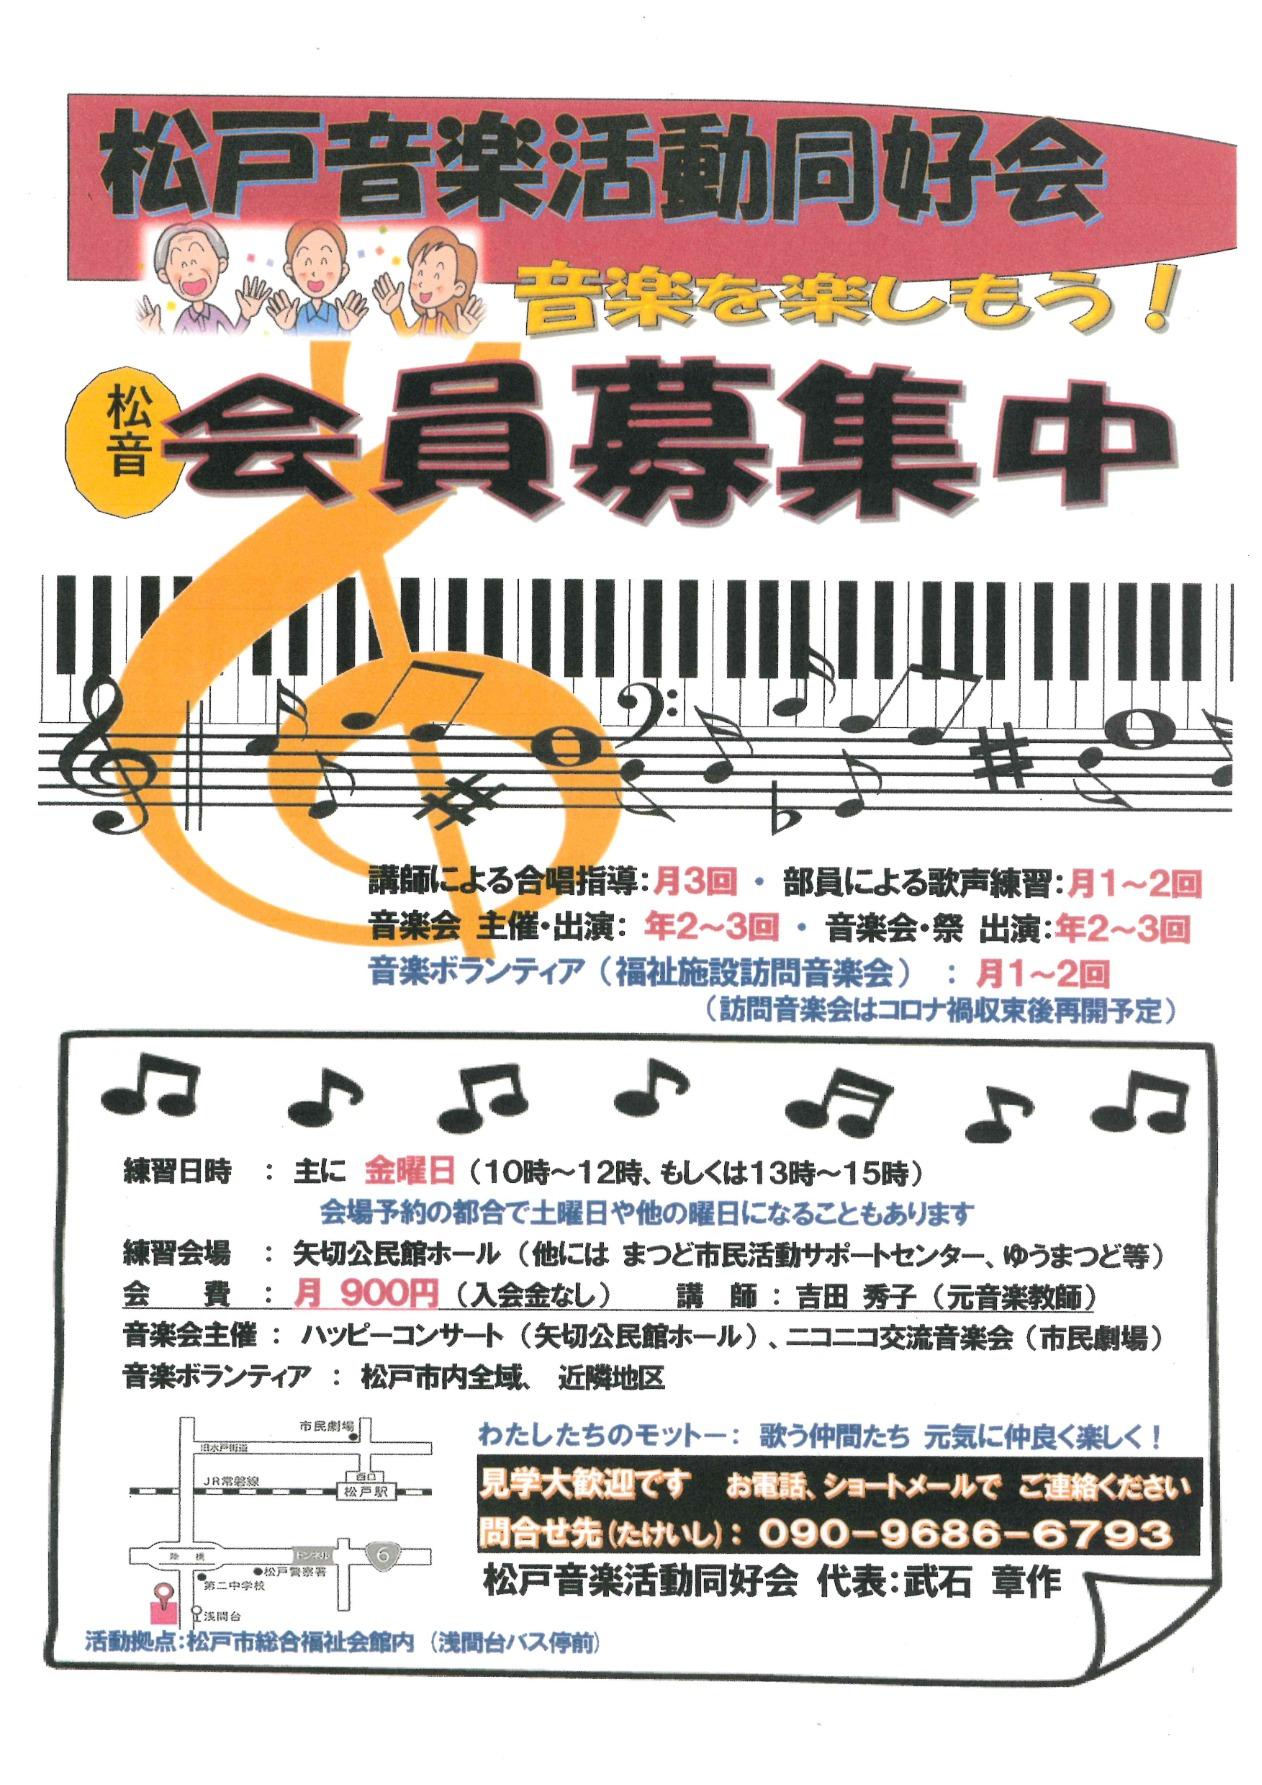 松戸音楽活動同好会 会員募集中